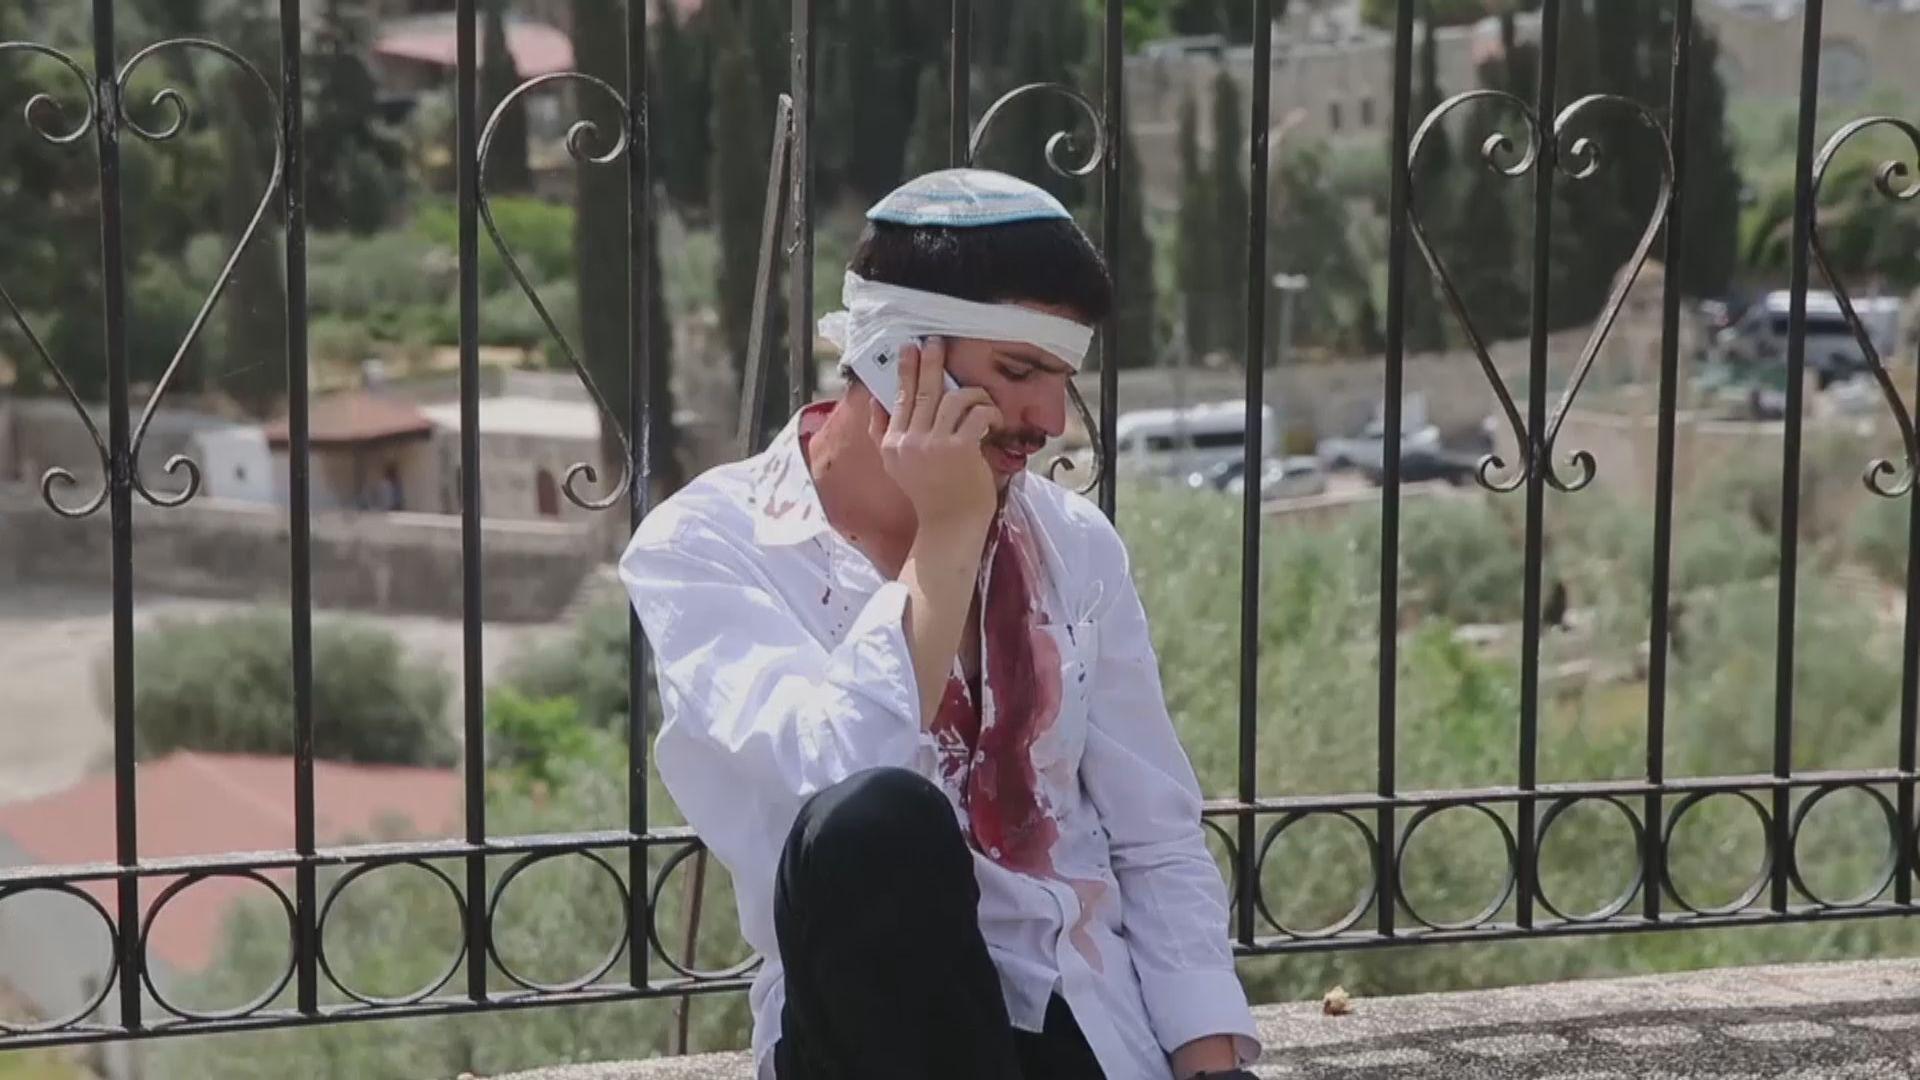 以巴衝突升溫 巴勒斯坦激進組織發射火箭襲擊耶路撤冷城區